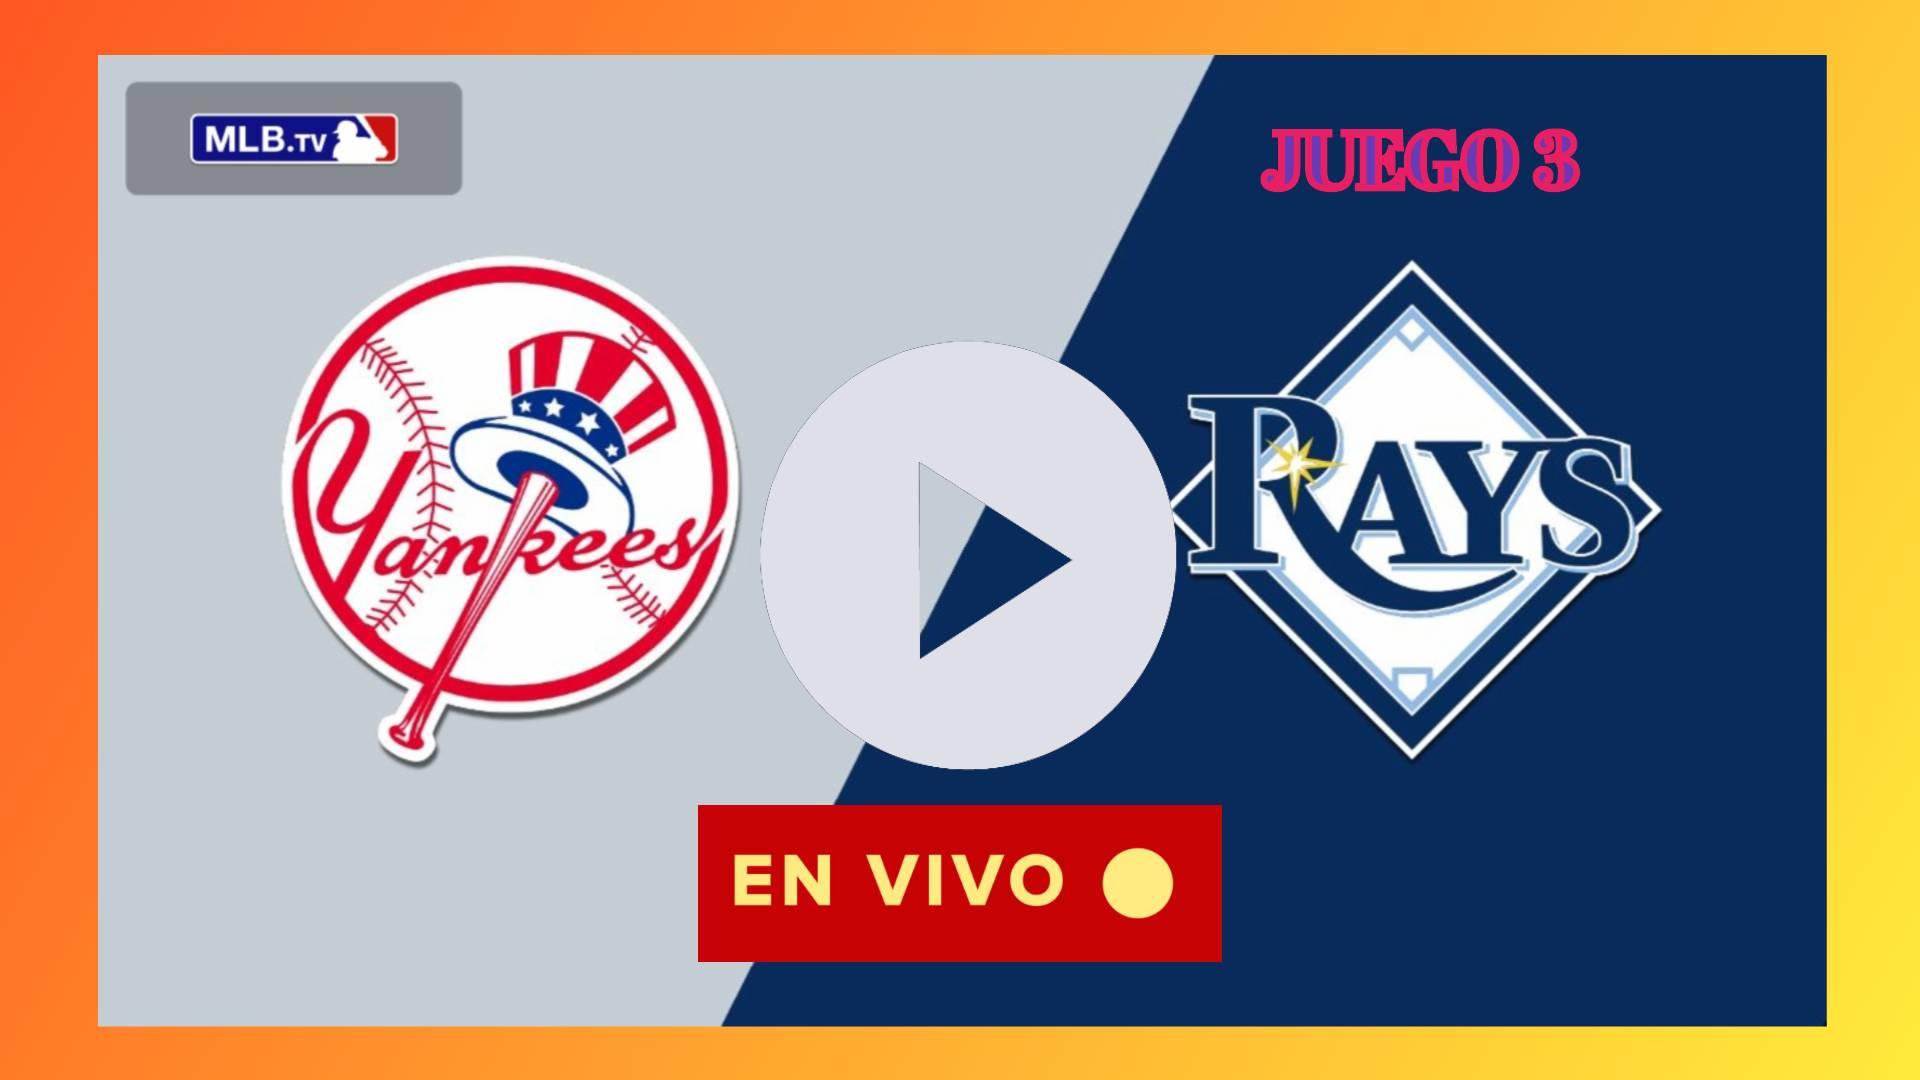 VER en vivo Rays vs. Yankees en directo online